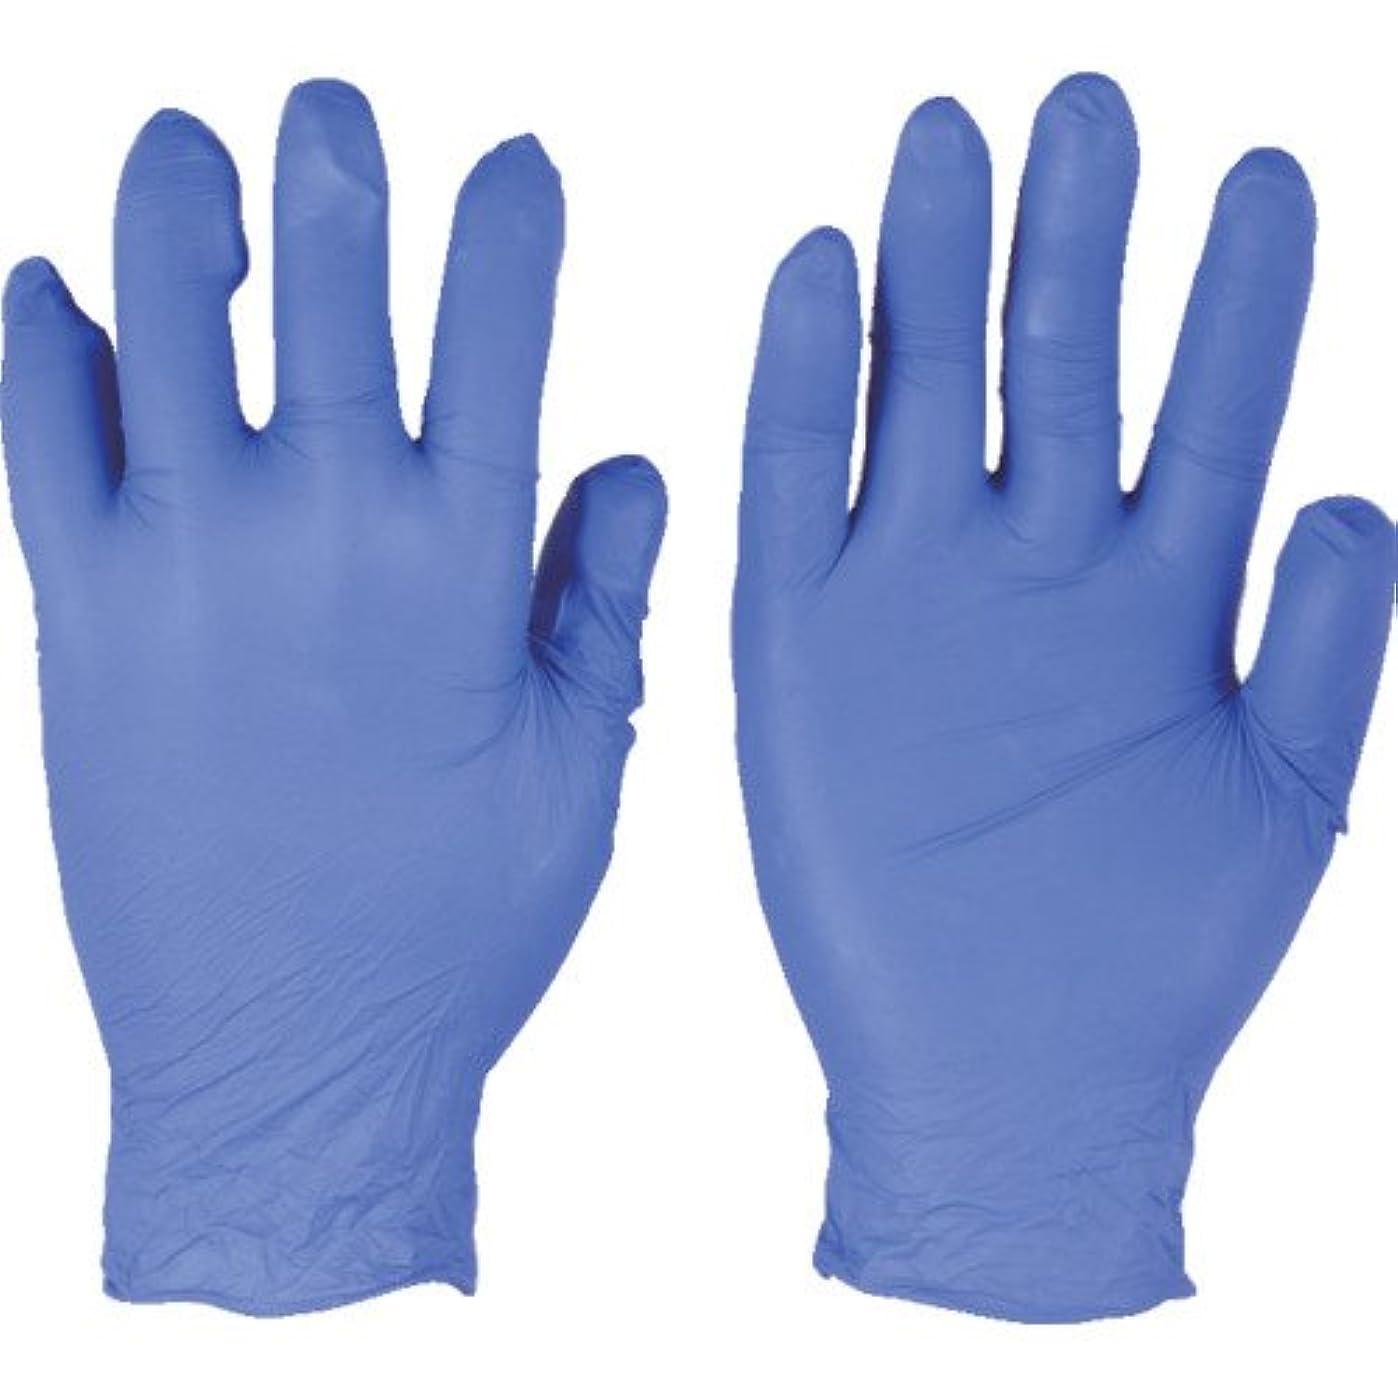 多用途パシフィック誰がトラスコ中山 アンセル ニトリルゴム使い捨て手袋 エッジ 82-133 Mサイズ(300枚入り)  (300枚入) 821338